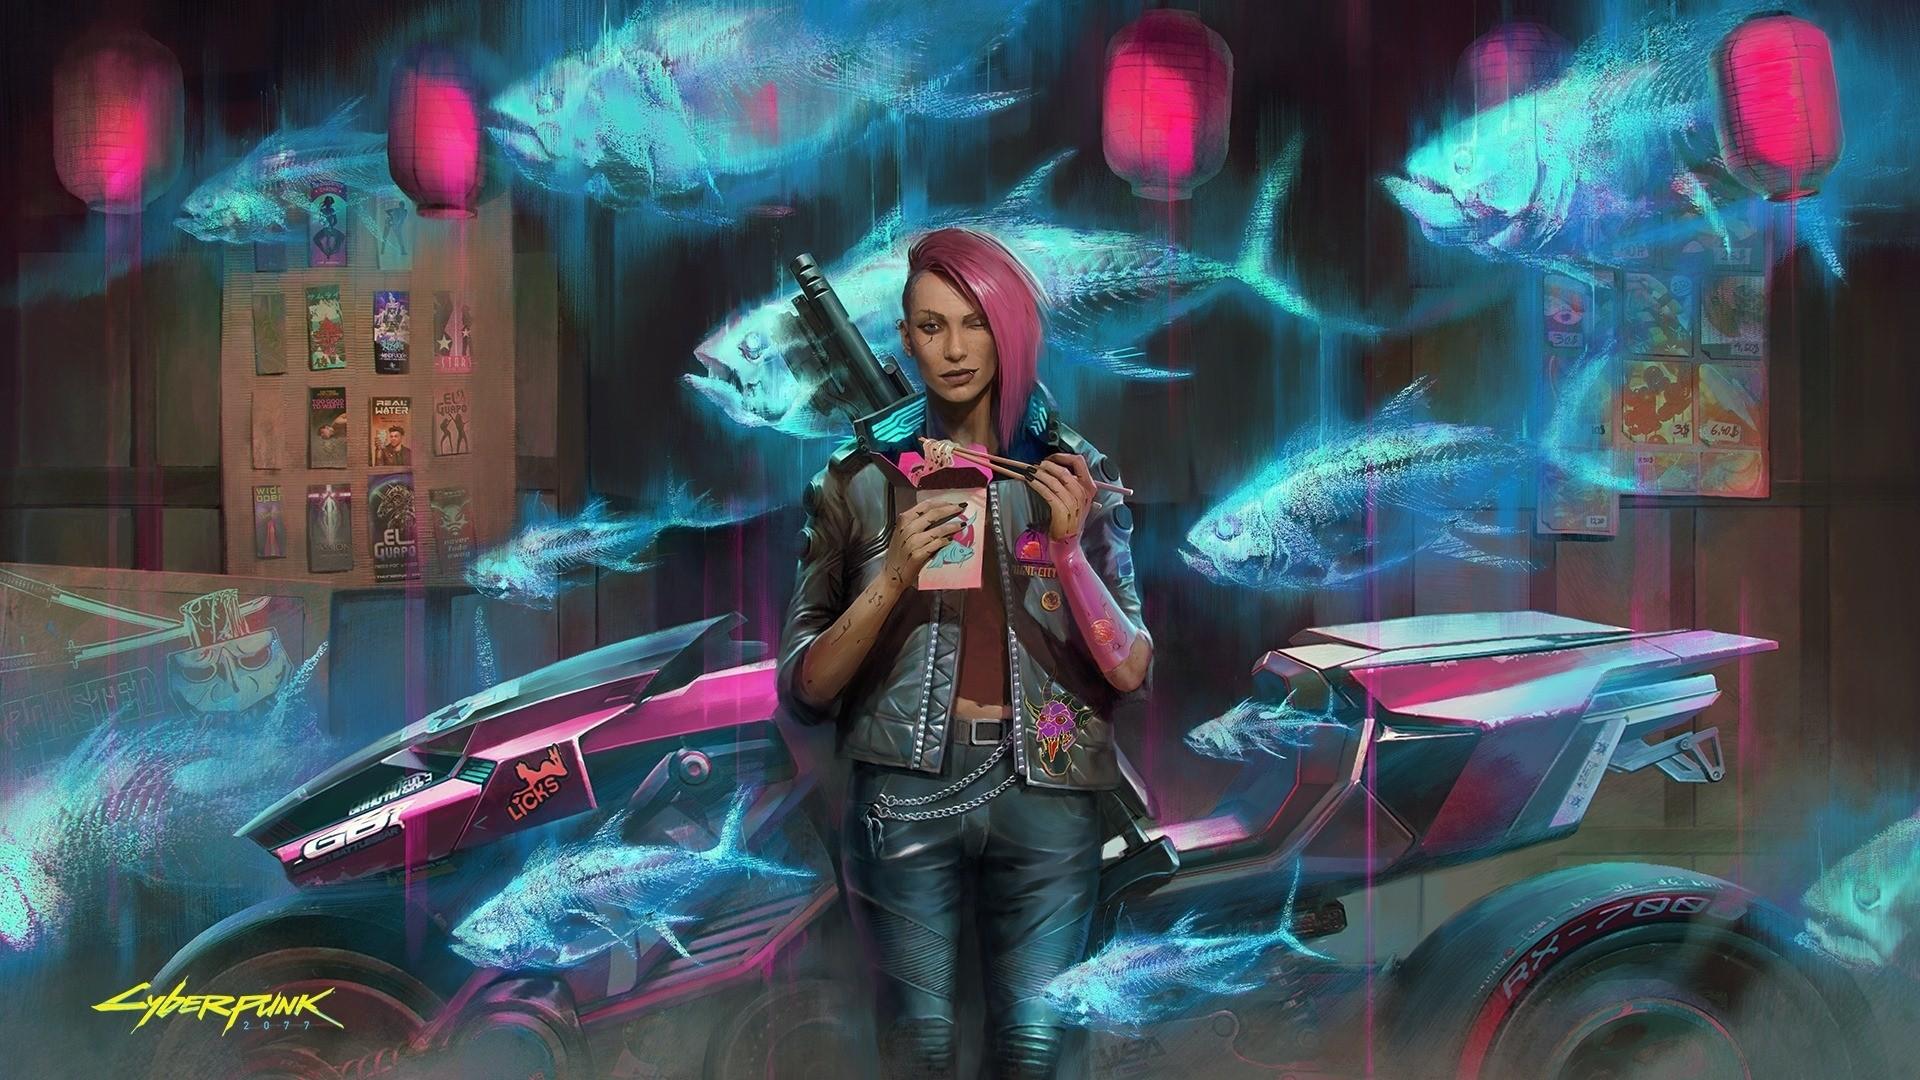 Cyberpunk 2077 Poster wallpaper for computer